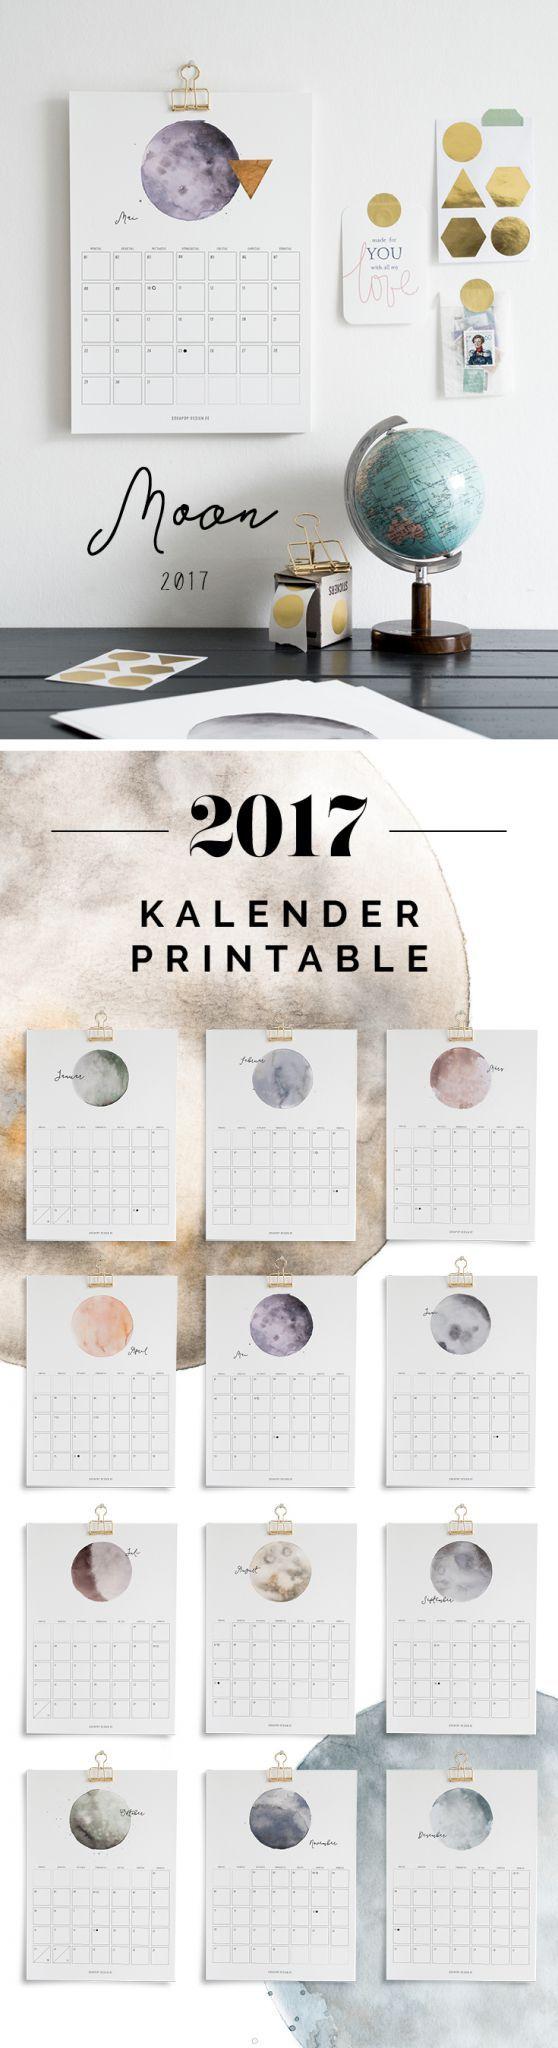 Printable Kalender | Calendar 2017 – via sodapop-design.de